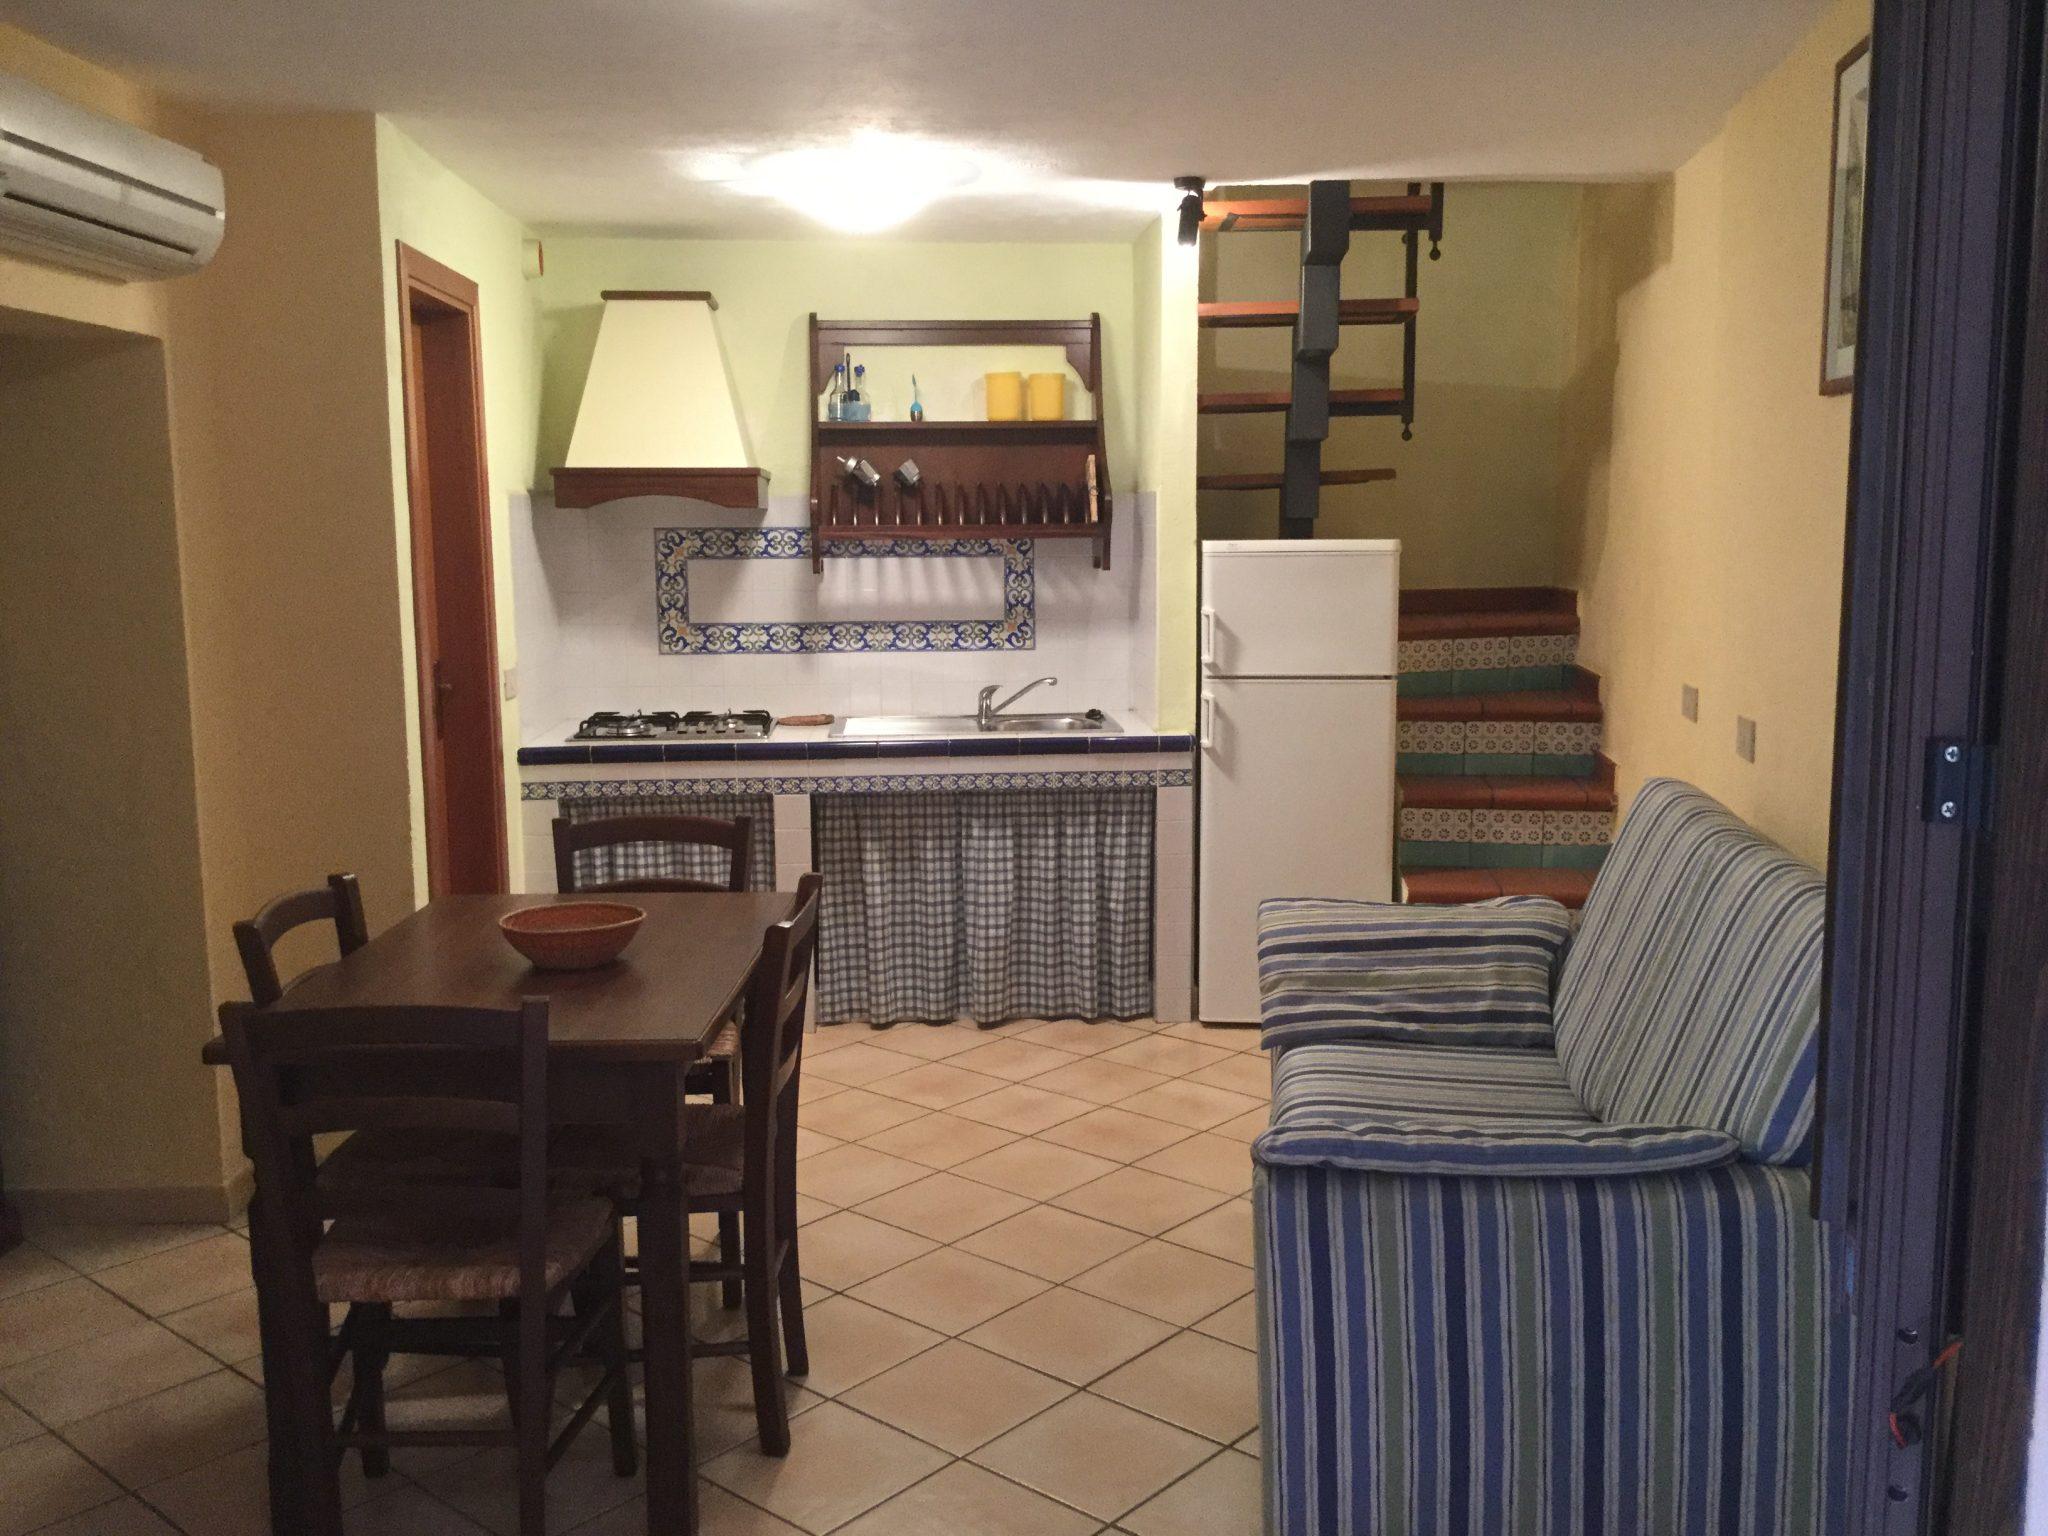 071  - Appartamenti in palazzina indipendente , Via M. degli Angeli, Cefalù.